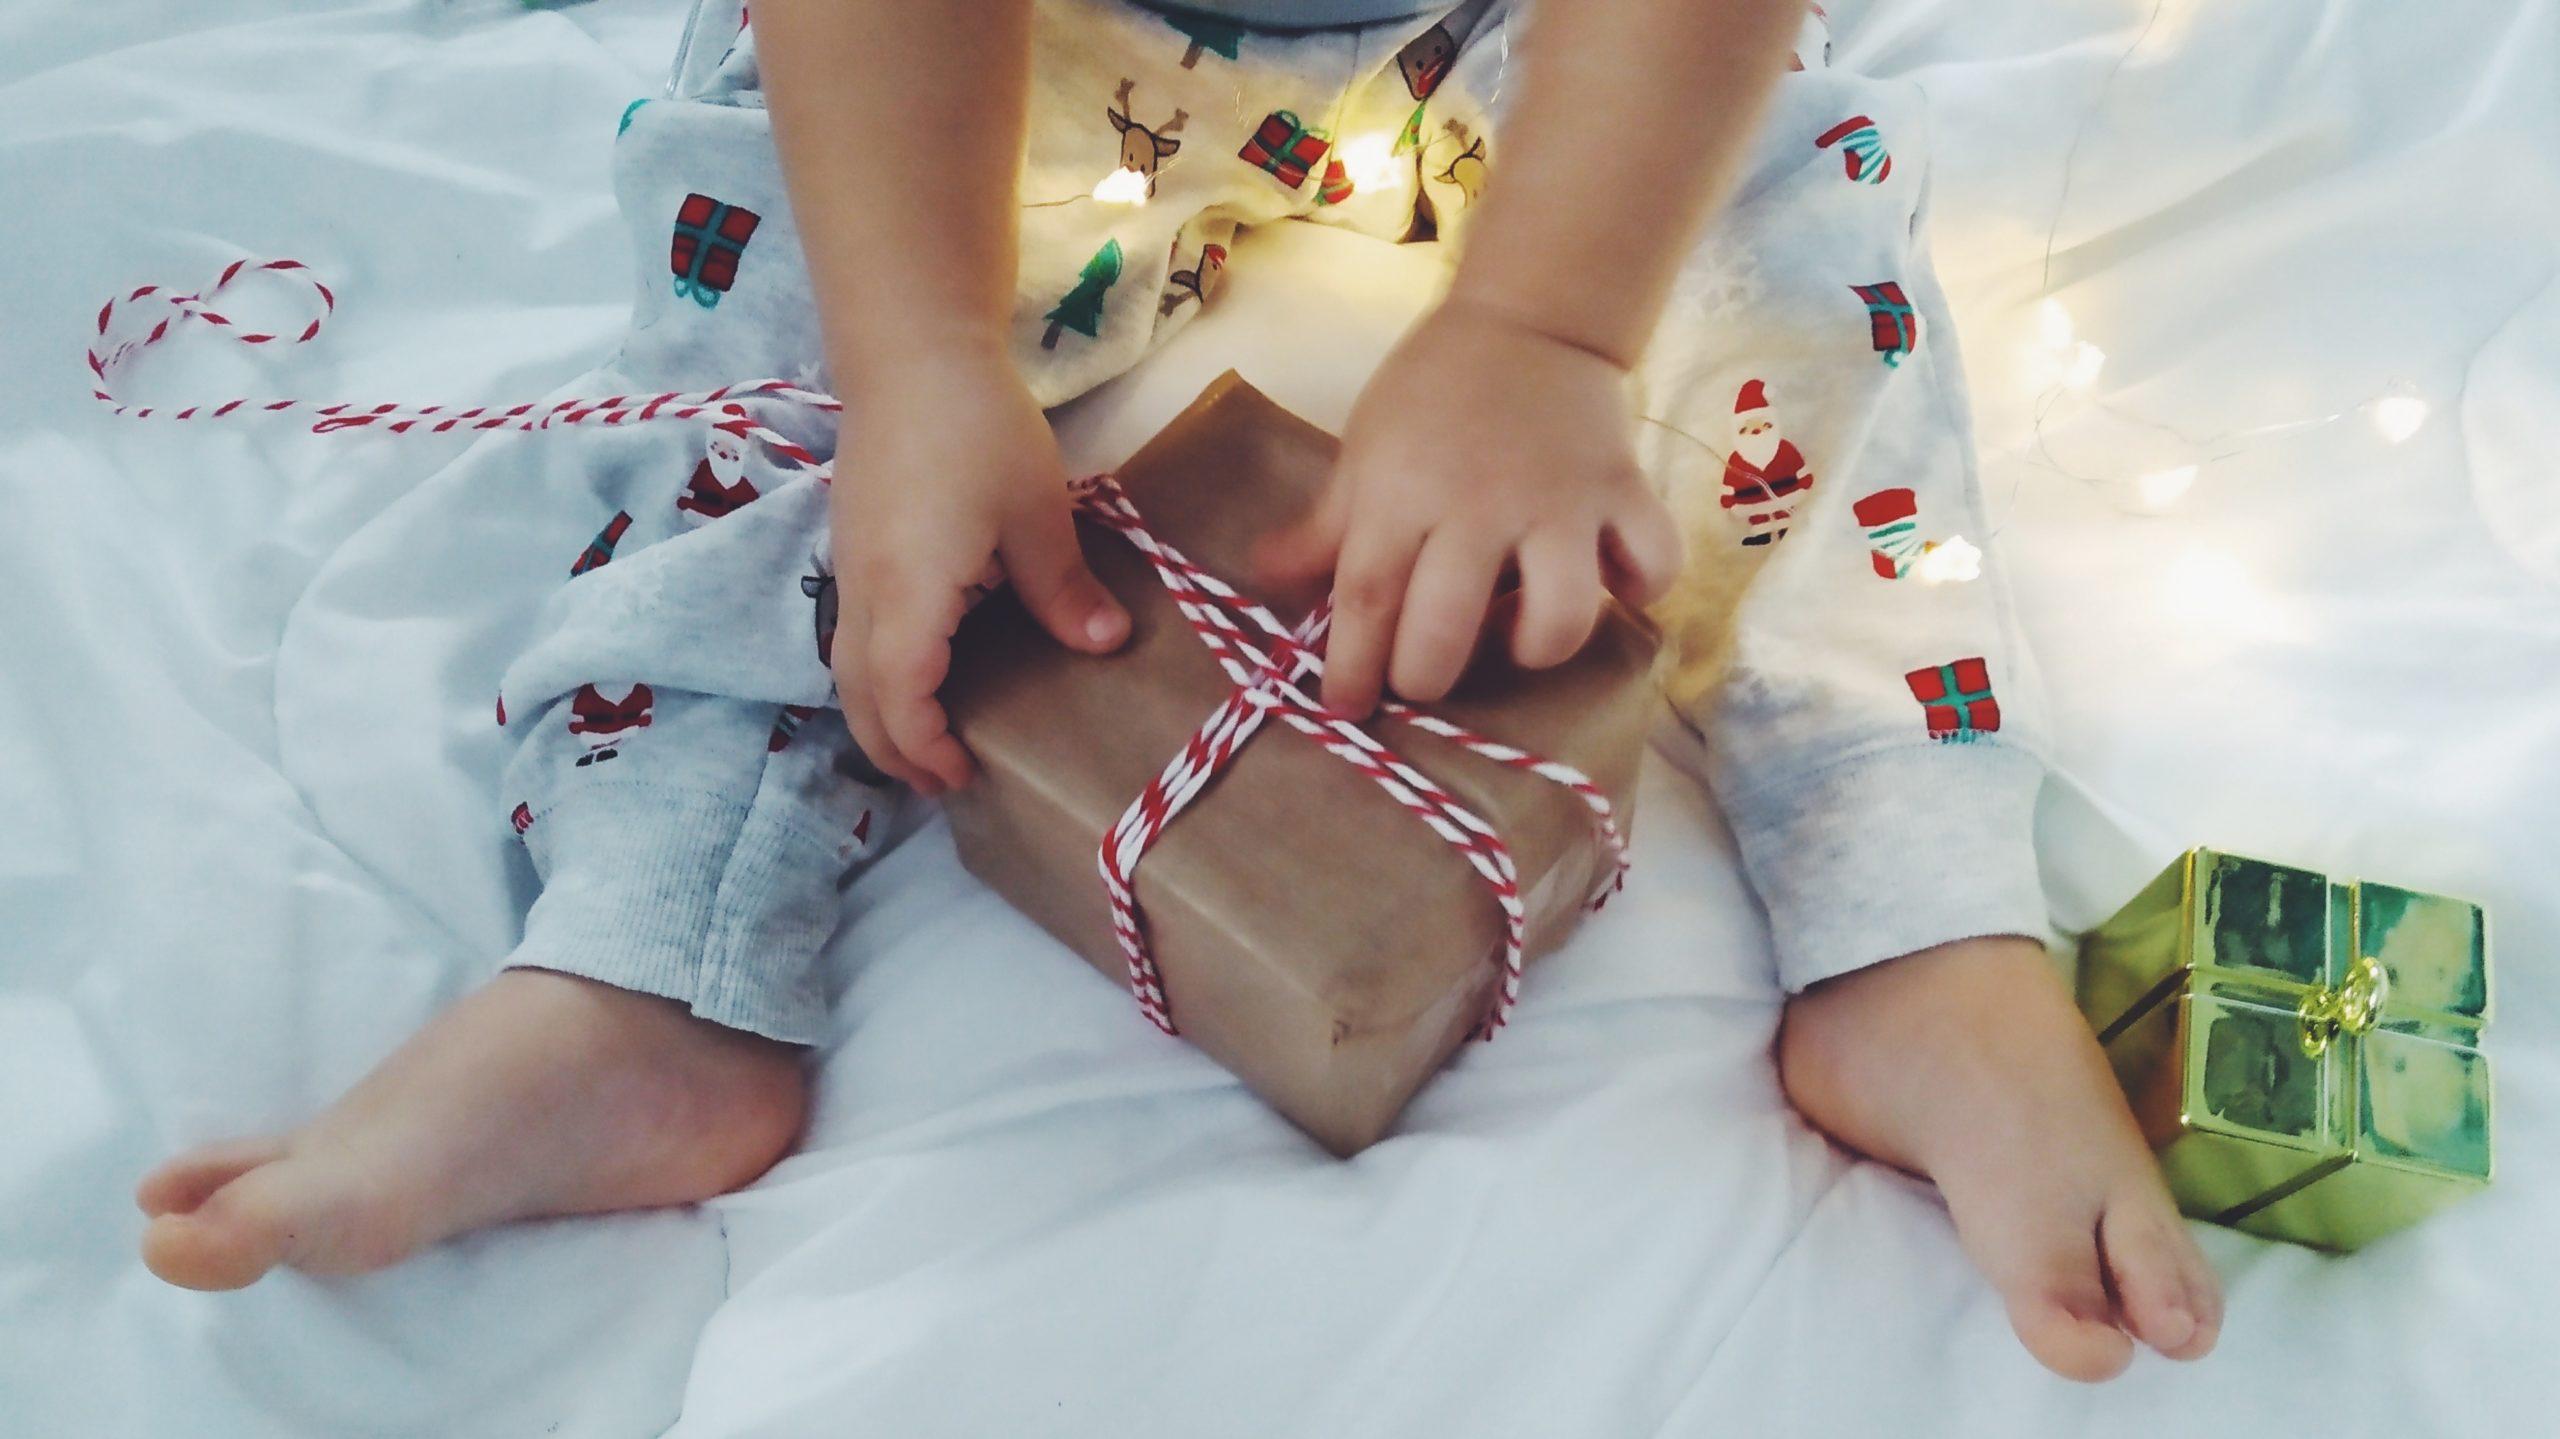 Przejdź do wpisu Boże Narodzenie! Co kupić dziecku podchoinkę?